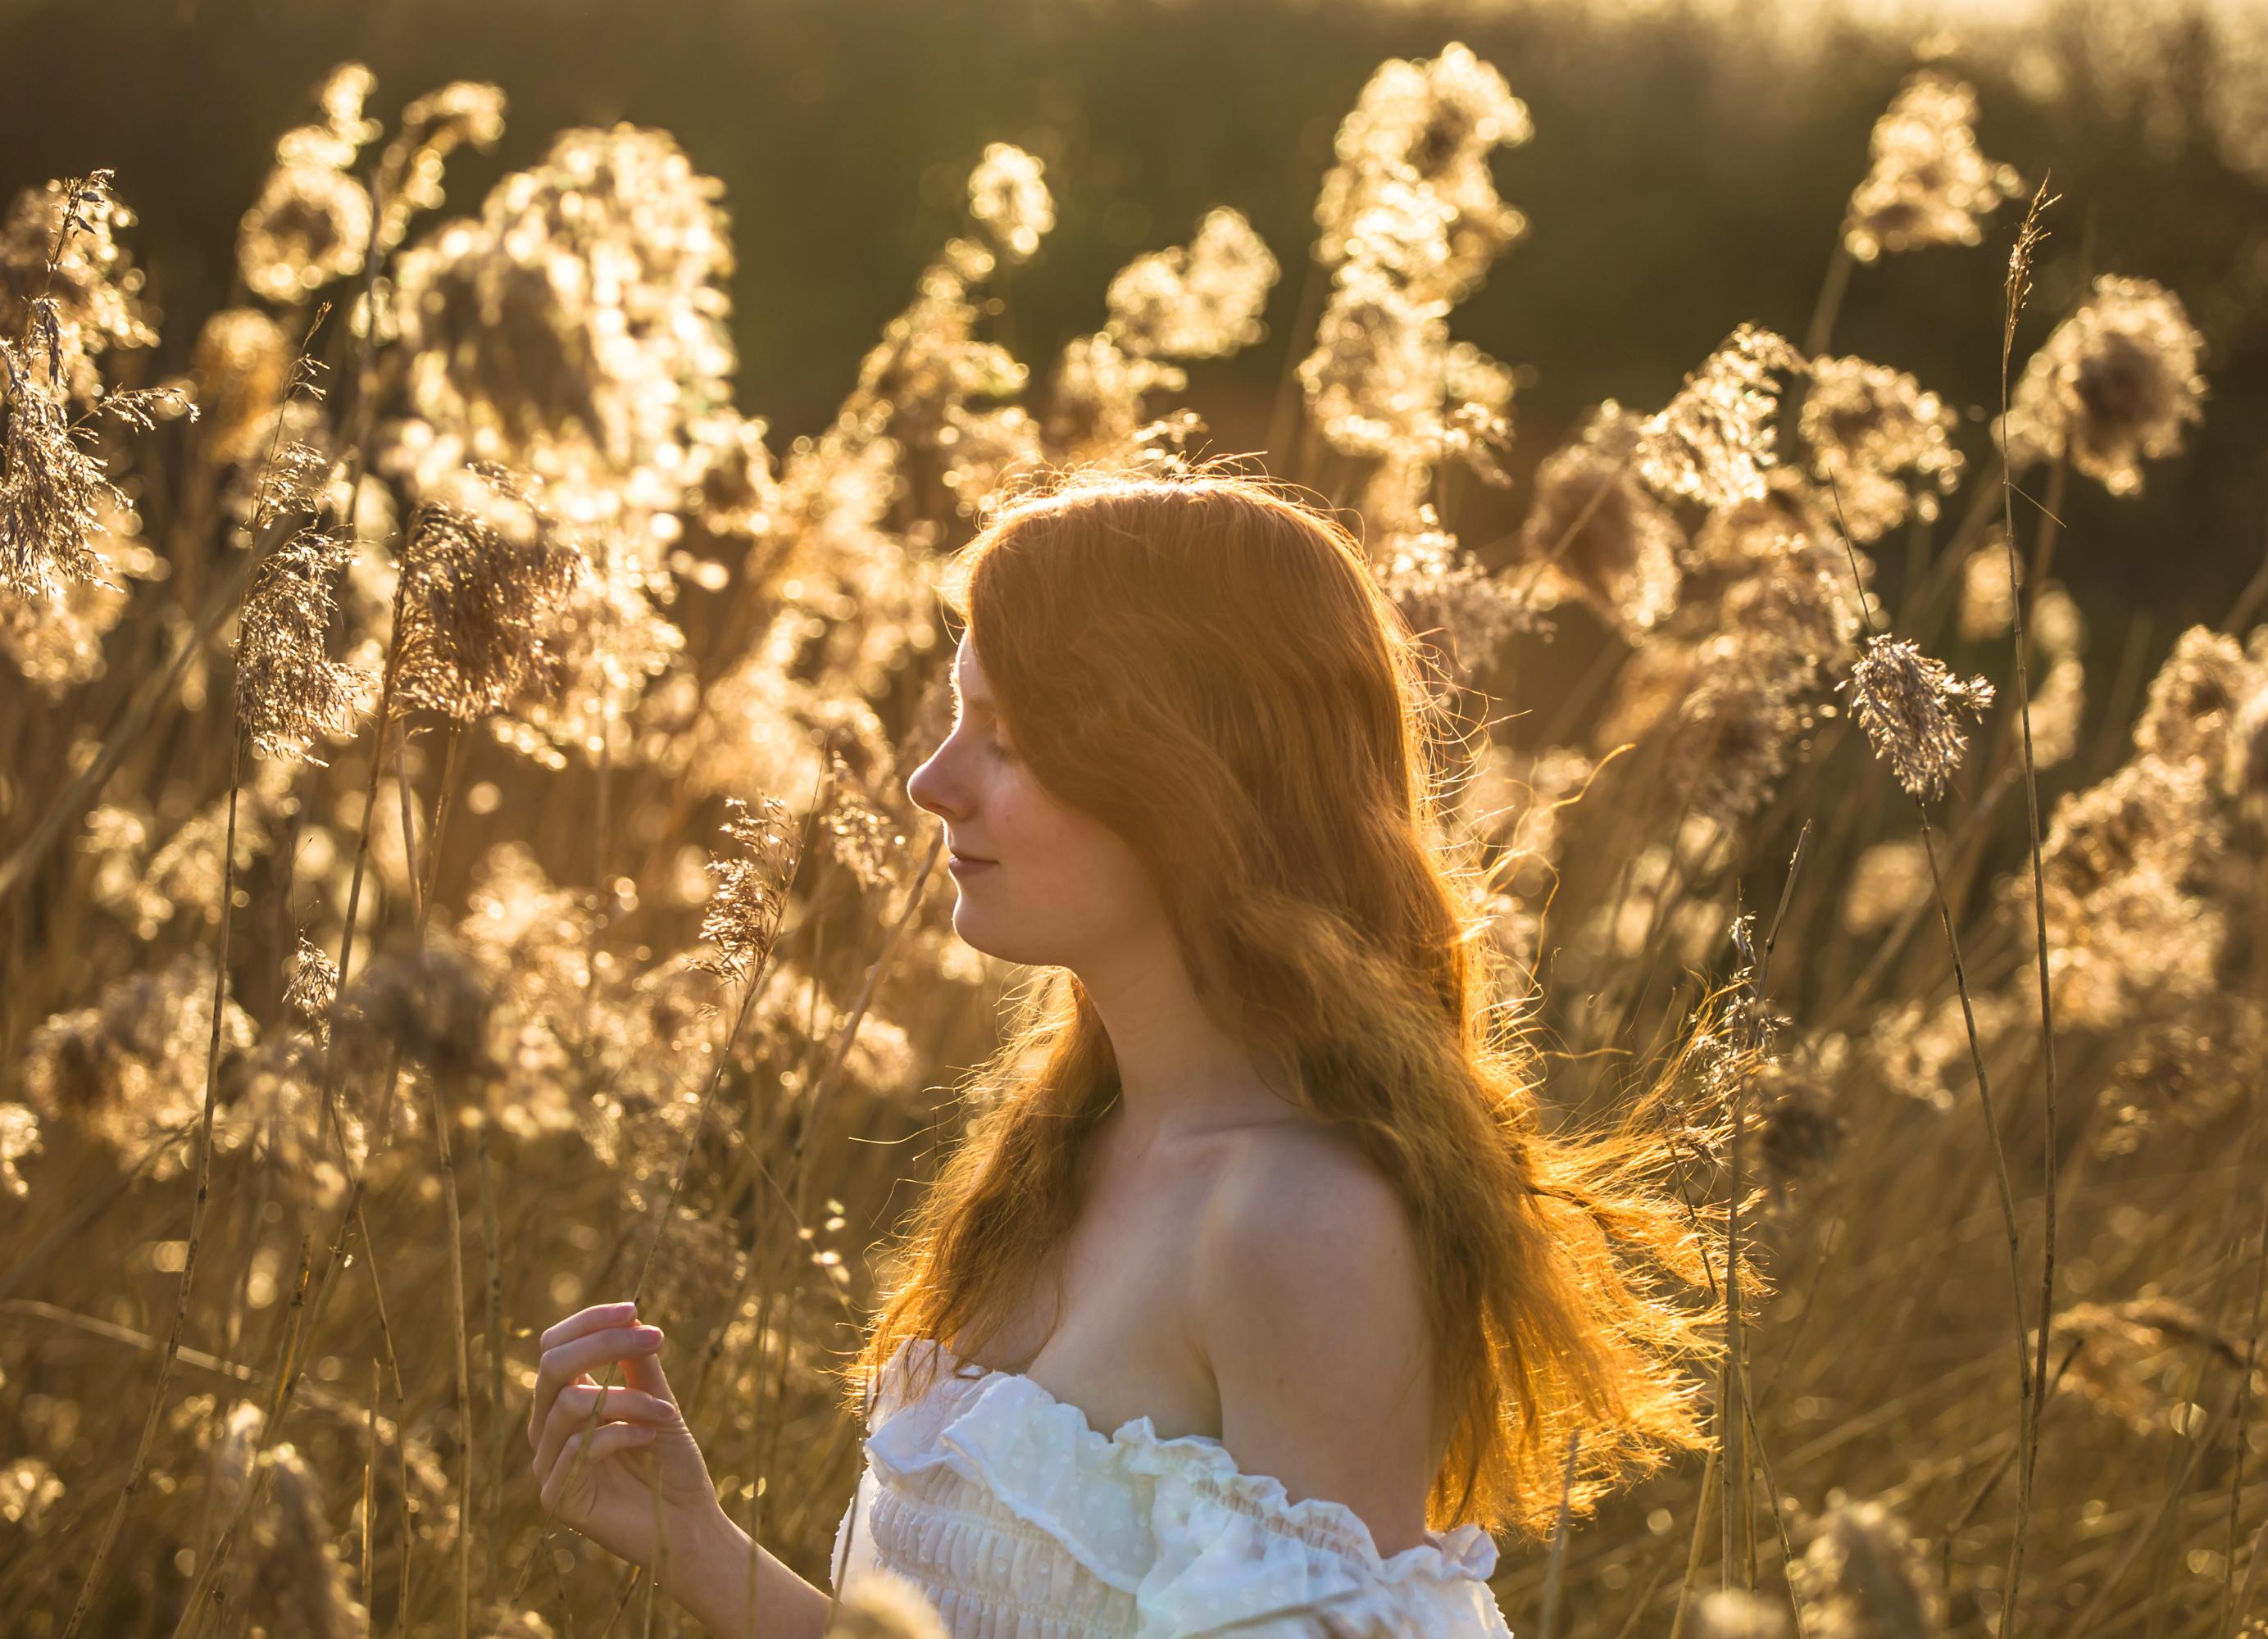 fine-art-fotografie,fine-art-photography,model_photography,modellen_fotografie,mooie_fotografie,meis